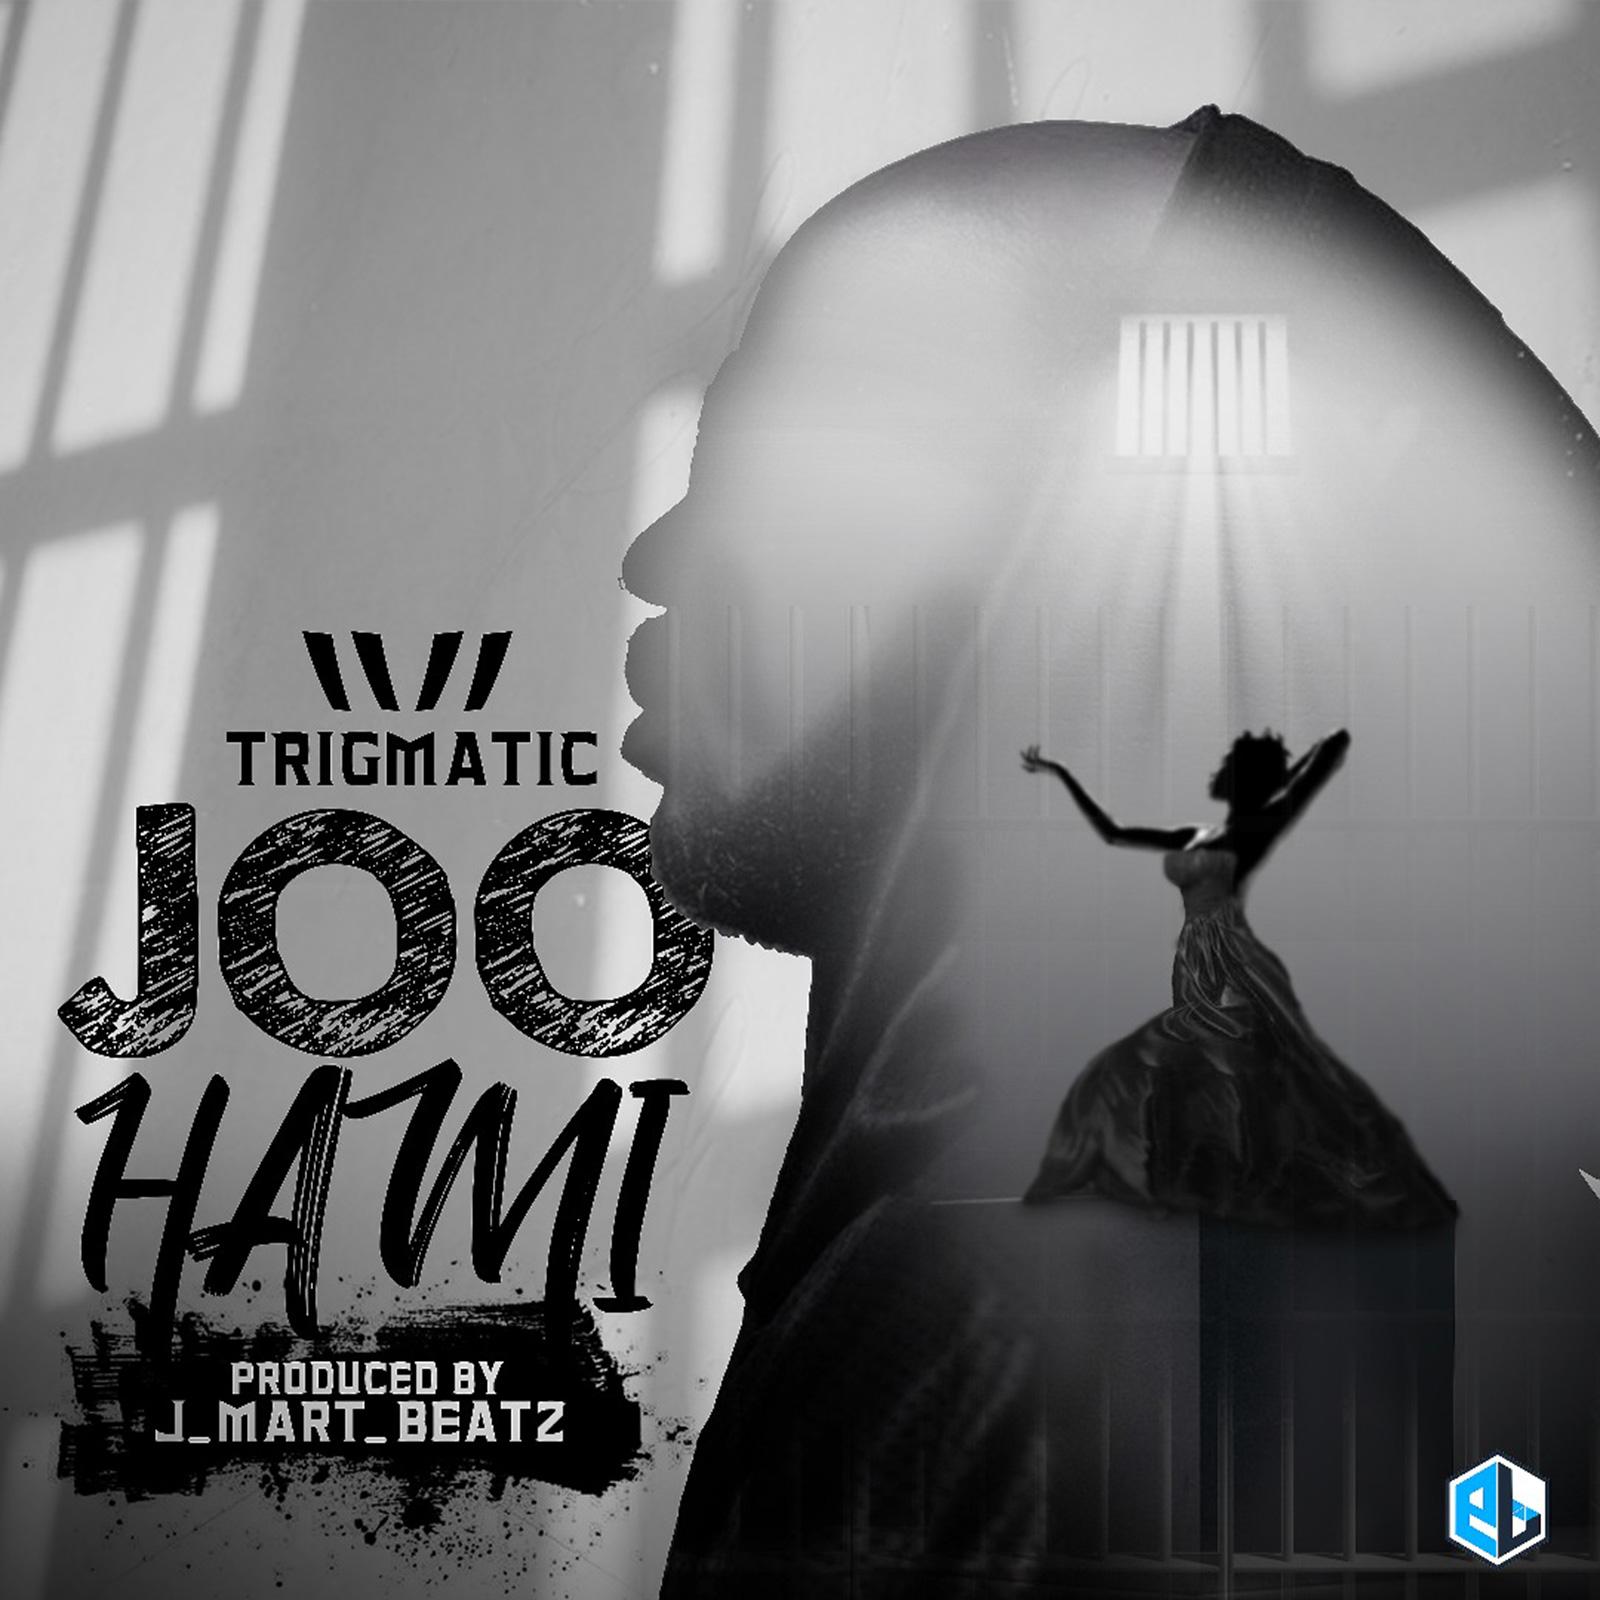 Joo Hami by Trigmatic